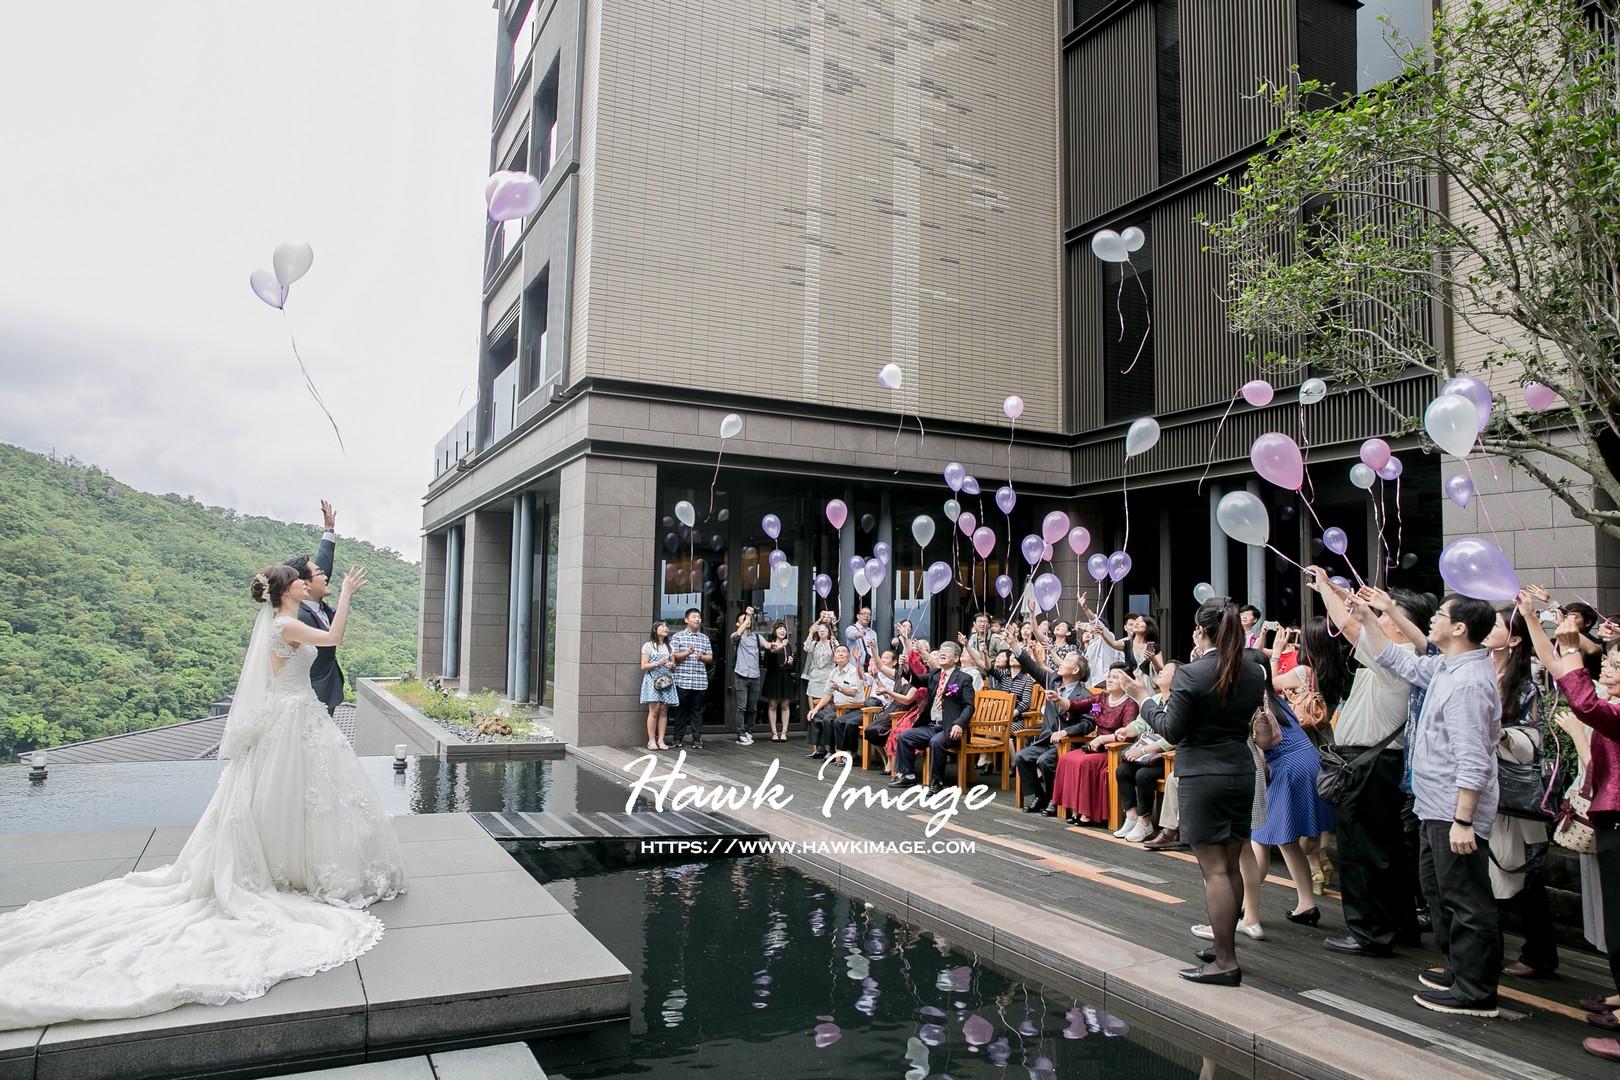 結婚宴客 Hawk Image 2019 婚攝作品 婚禮攝影 推薦ptt 婚禮 錄影  ptt